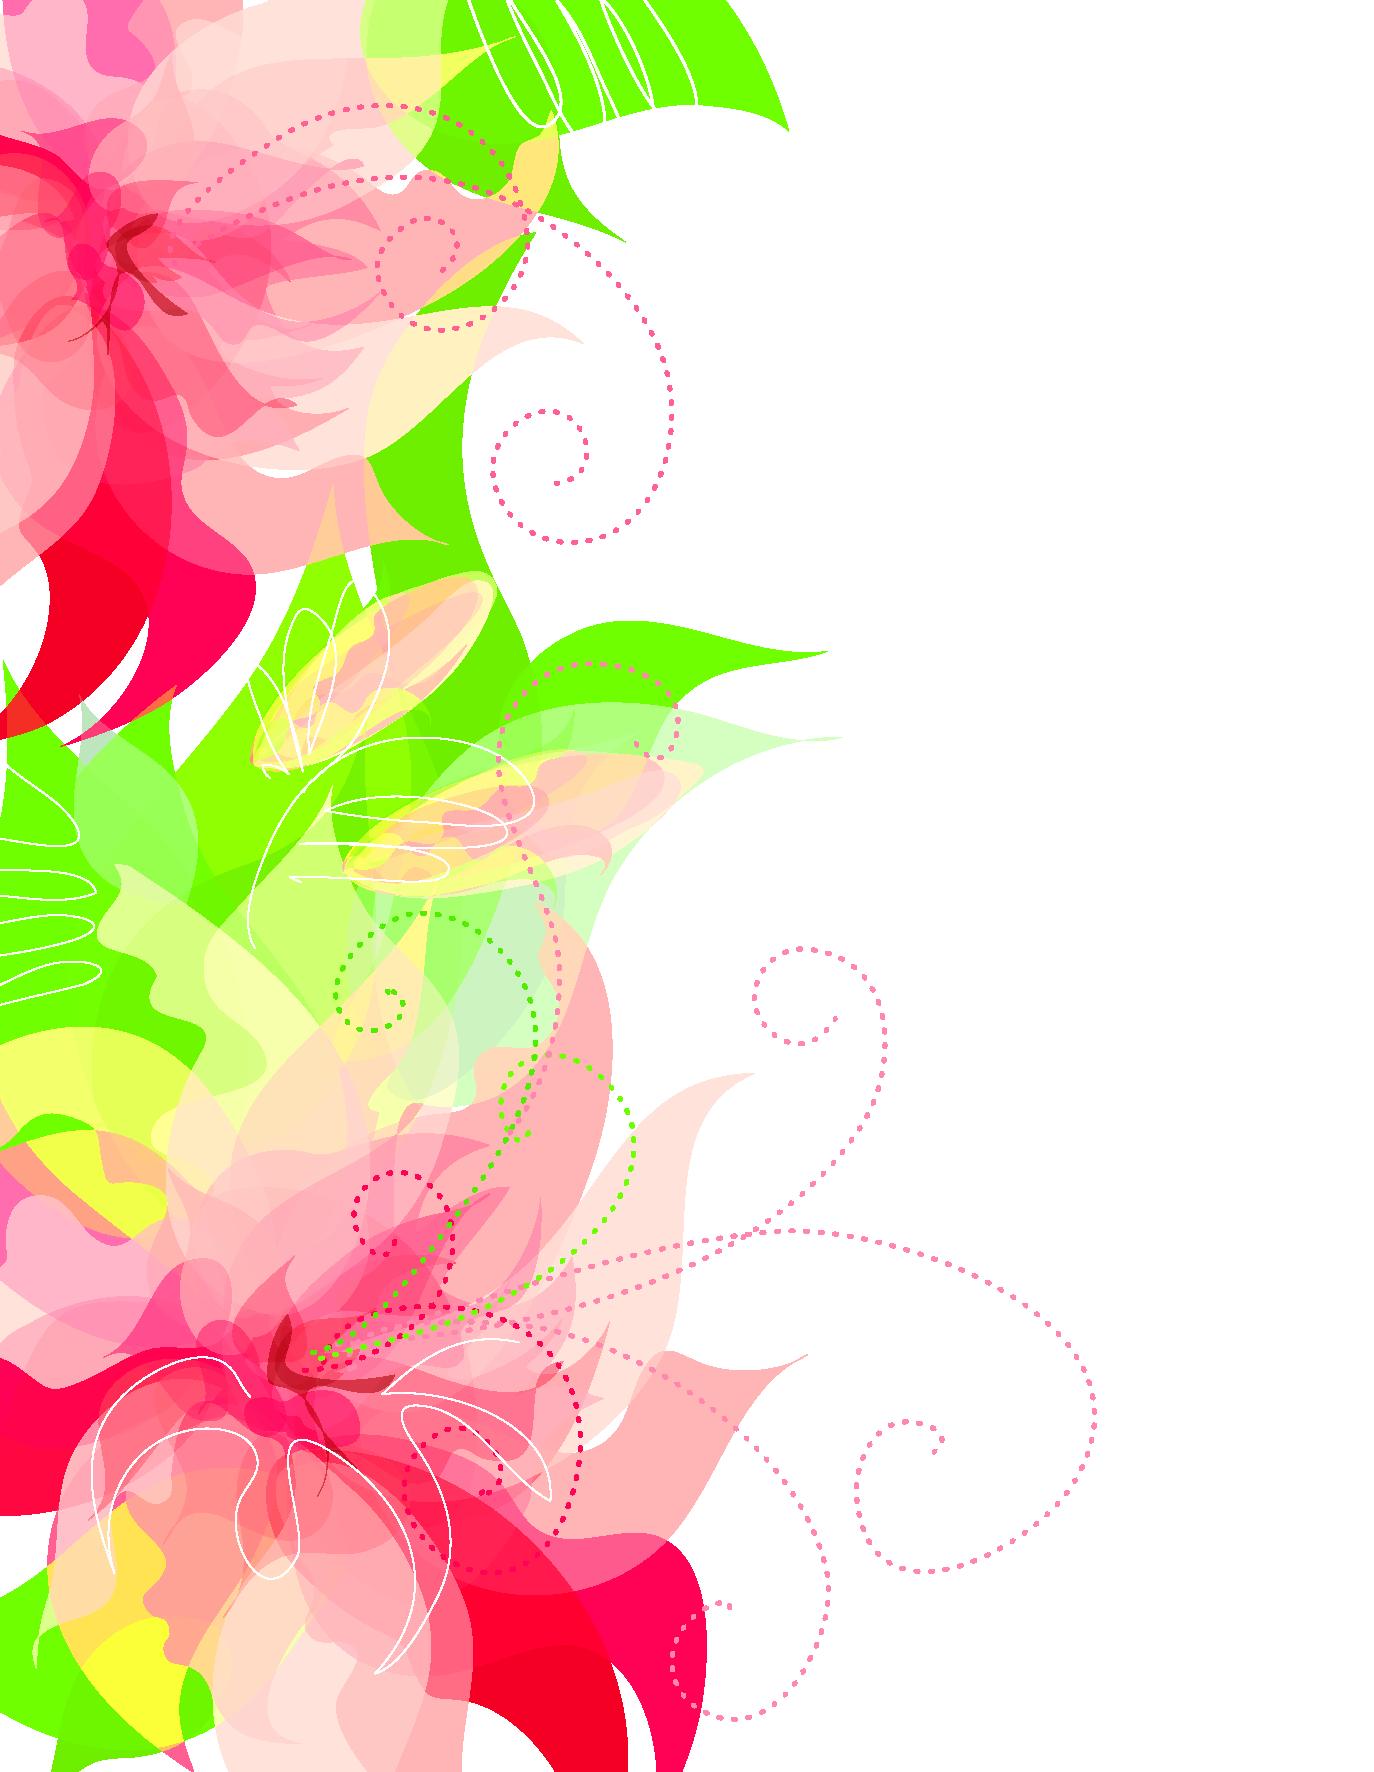 Decoration clipart cute flower Floral Cute Cute Decoration decoración